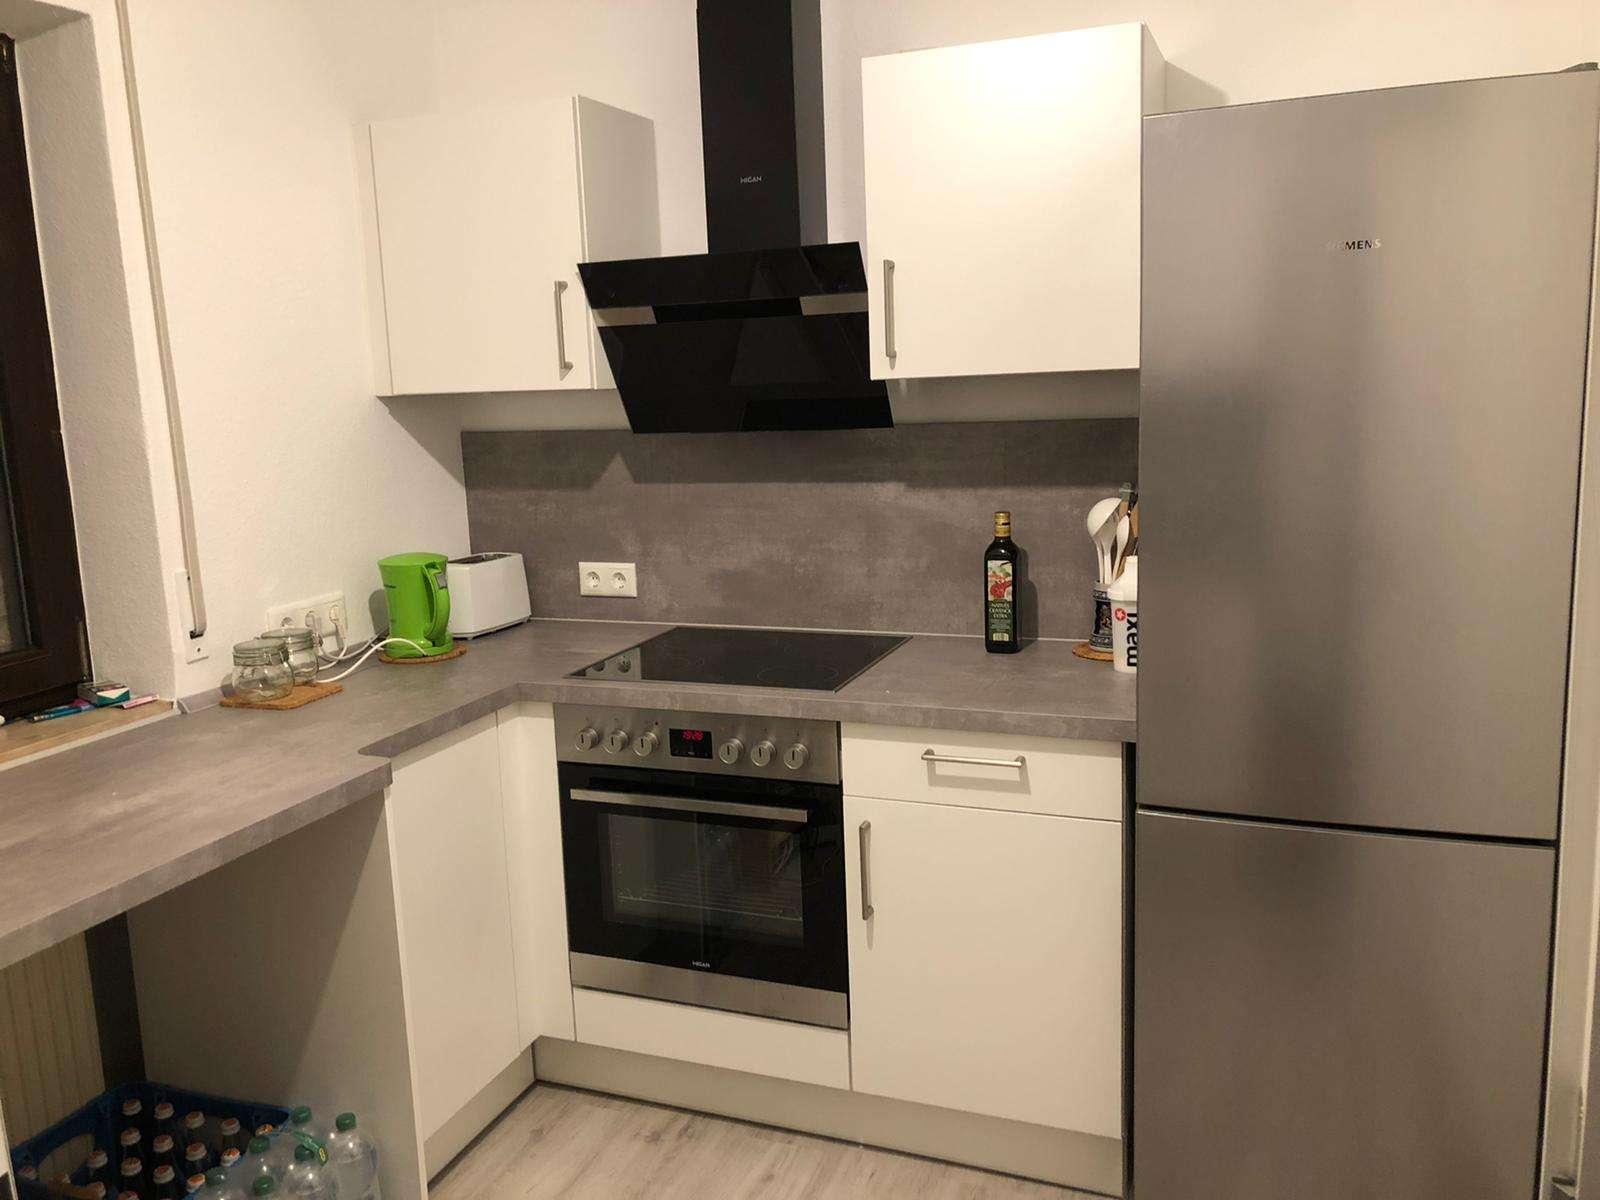 Vollständig renovierte 3-Zimmer-Wohnung mit Balkon und EBK in Aschaffenburg in Strietwald (Aschaffenburg)